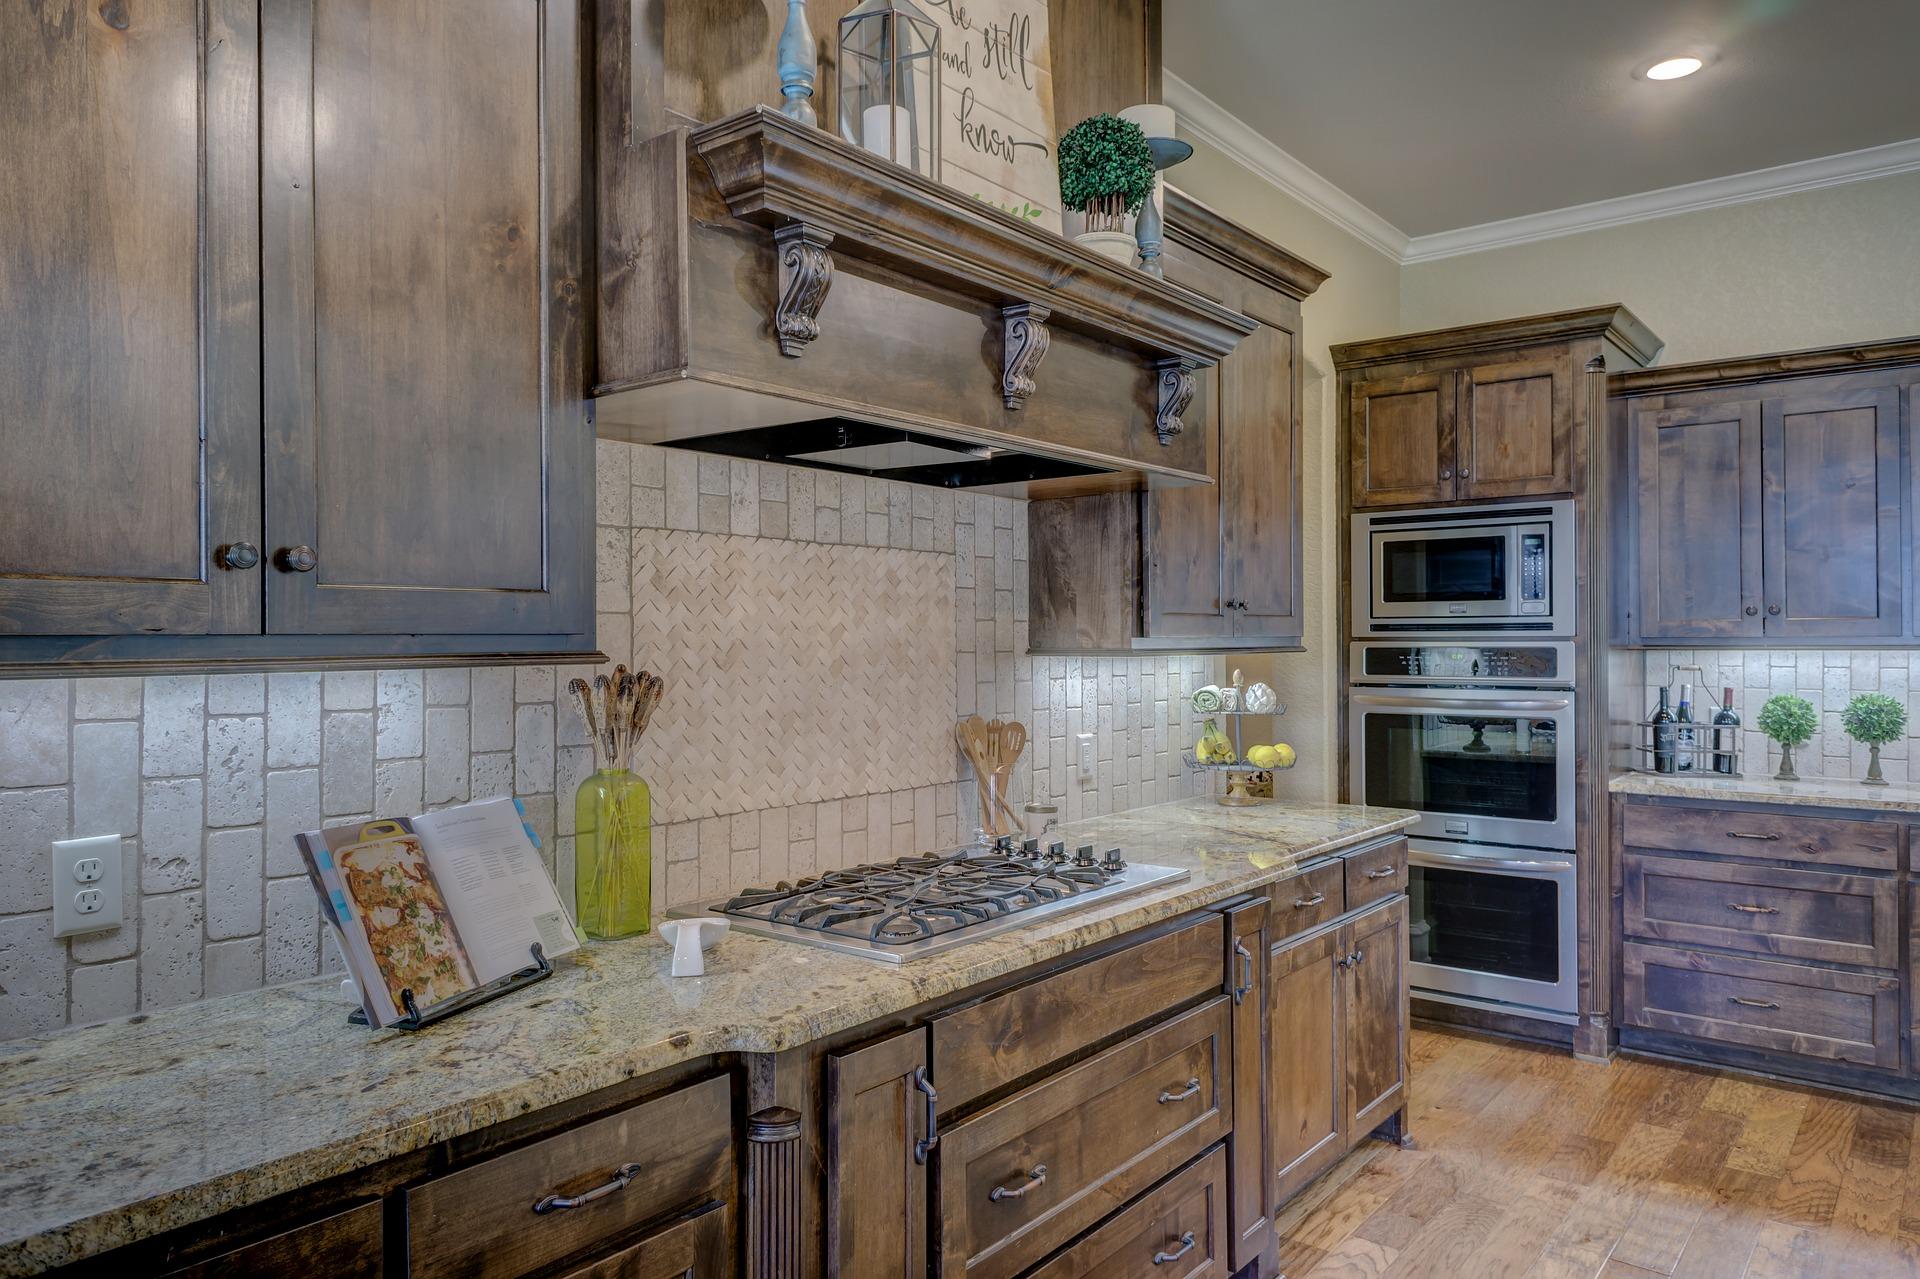 kitchen-2046728_1920